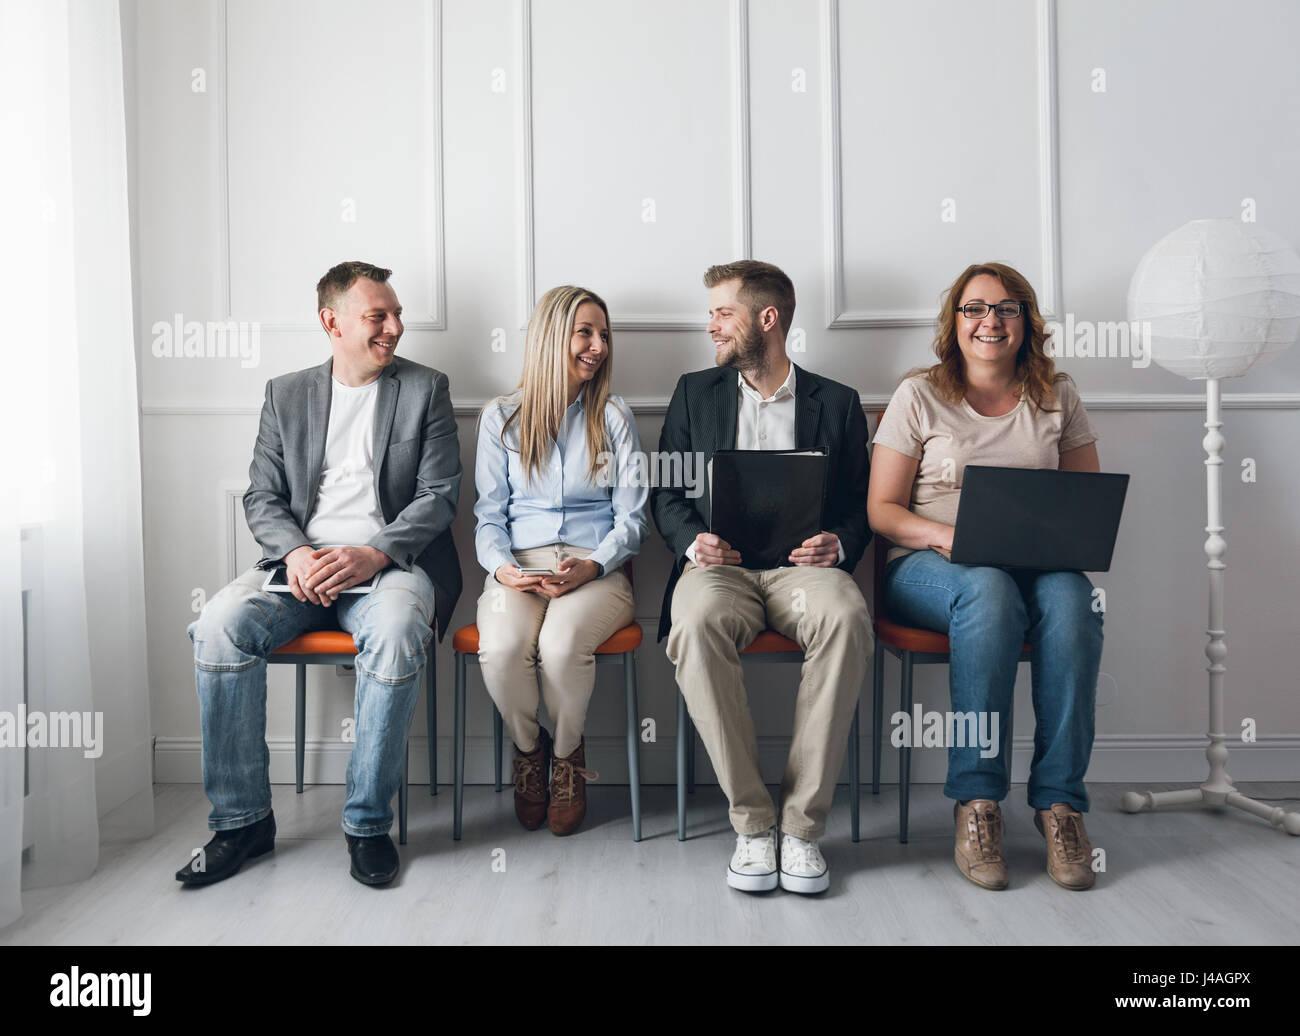 Groupe de jeunes gens créatifs assis sur des chaises dans la salle d'attente Photo Stock